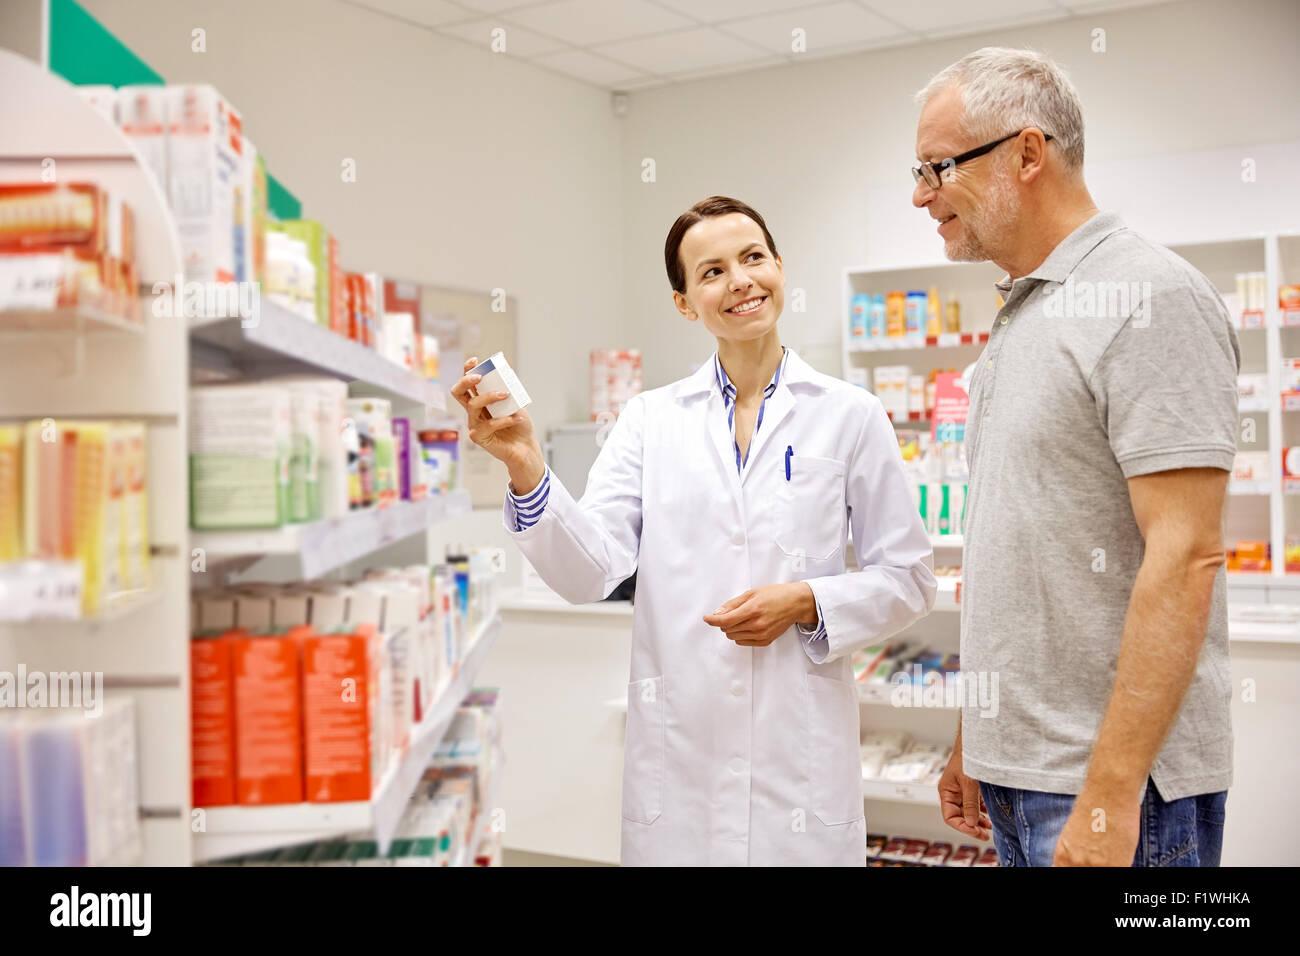 Farmacéutico mostrando altos de drogas al hombre en la farmacia Imagen De Stock